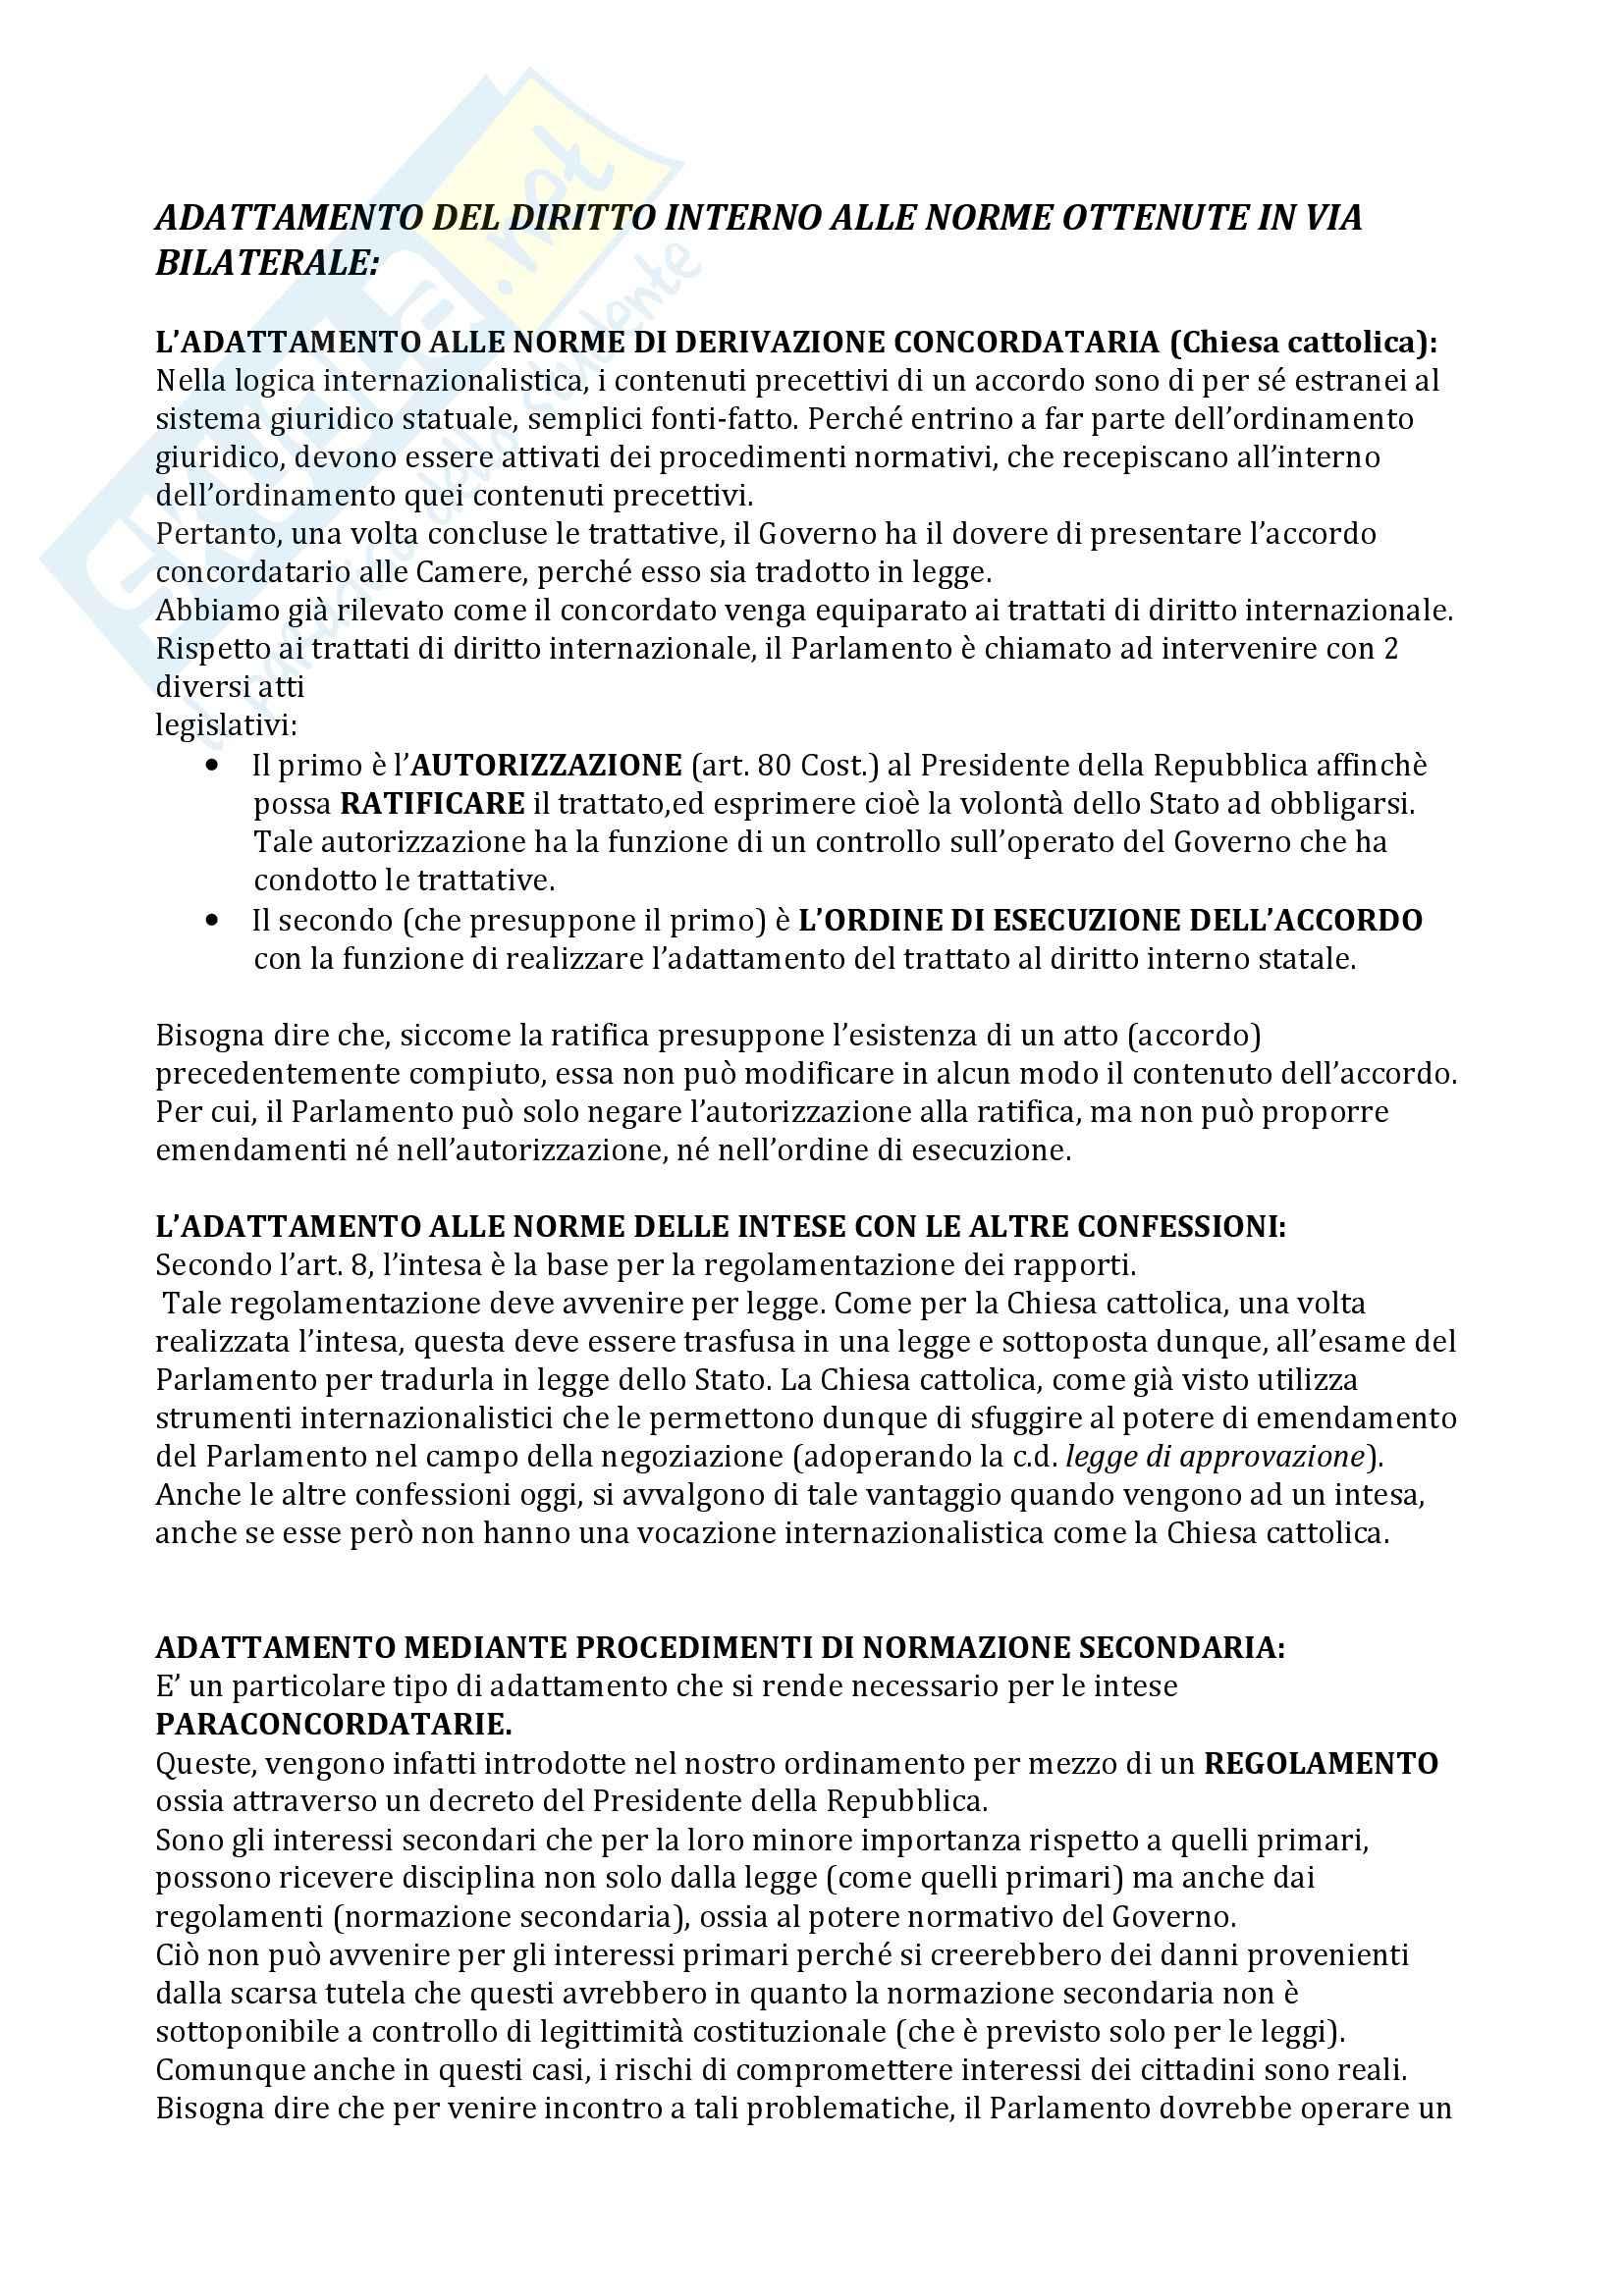 Diritto costituzionale - adattamento del diritto interno alle norme ottenute in via bilaterale Pag. 1